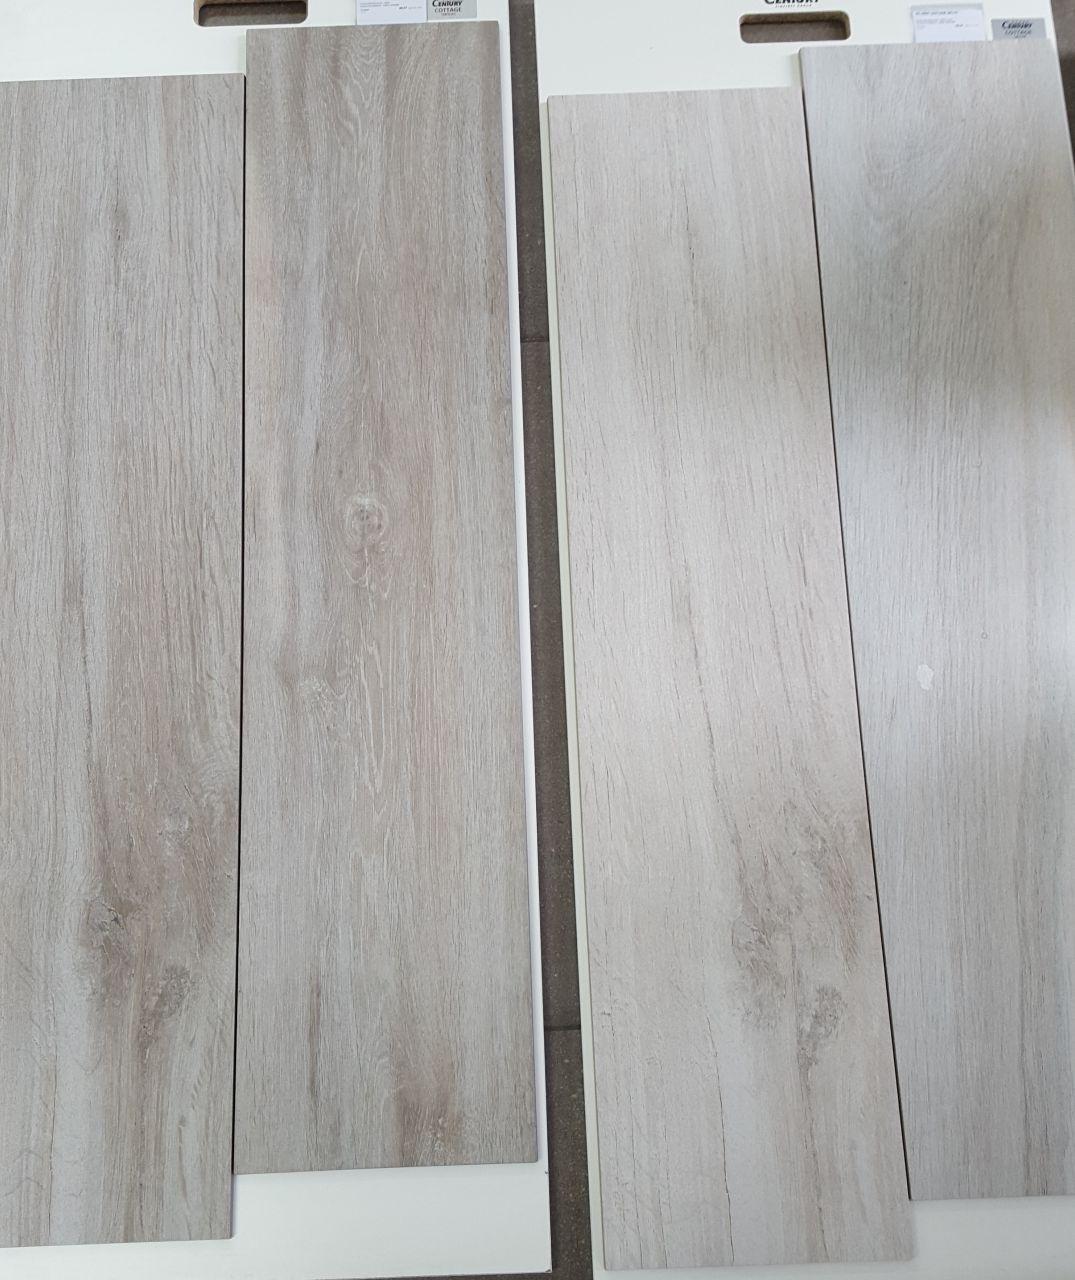 Carrelage imitation bois dans les 3 chambres, dressing et les 2 SDE